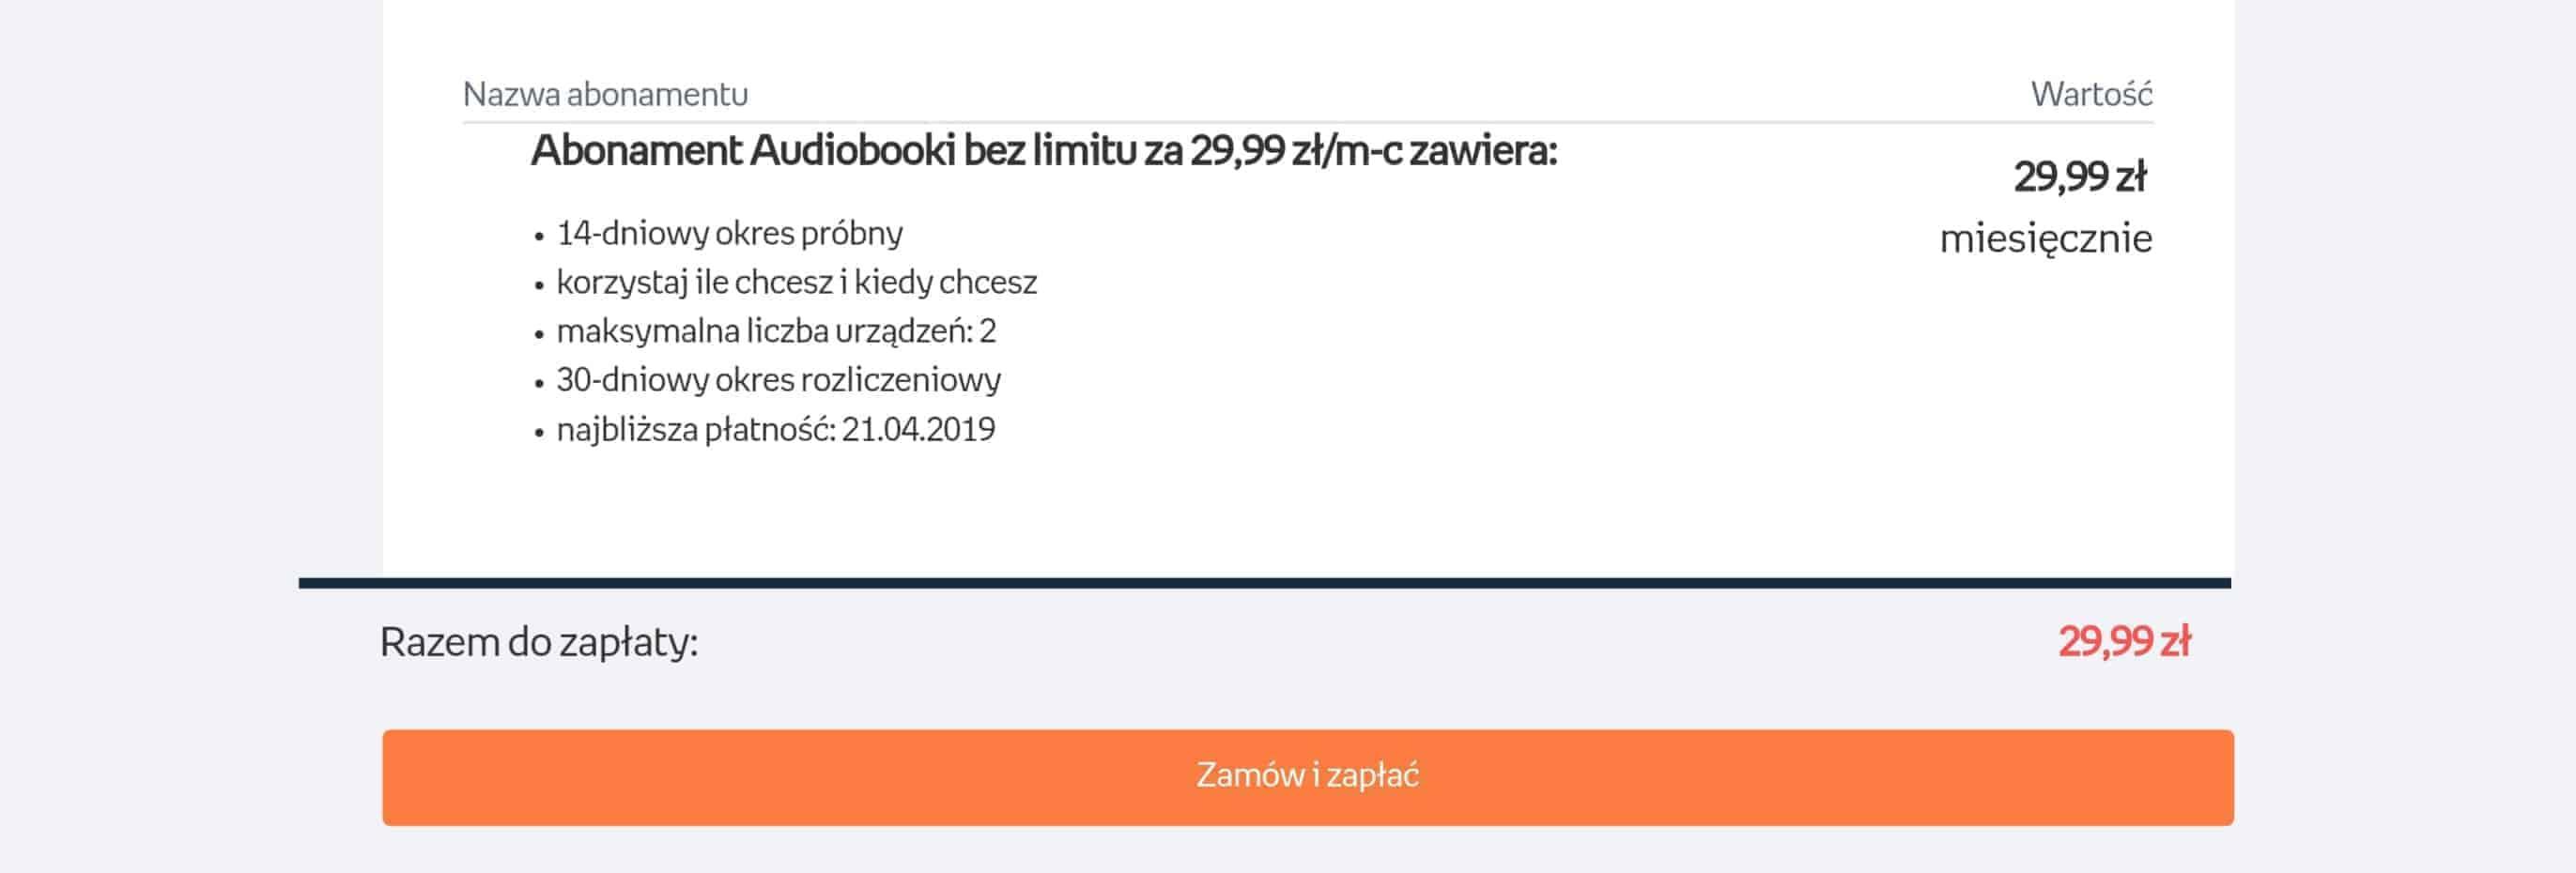 Empik GO oferta ceny pakiety audiobooków bezlimitu